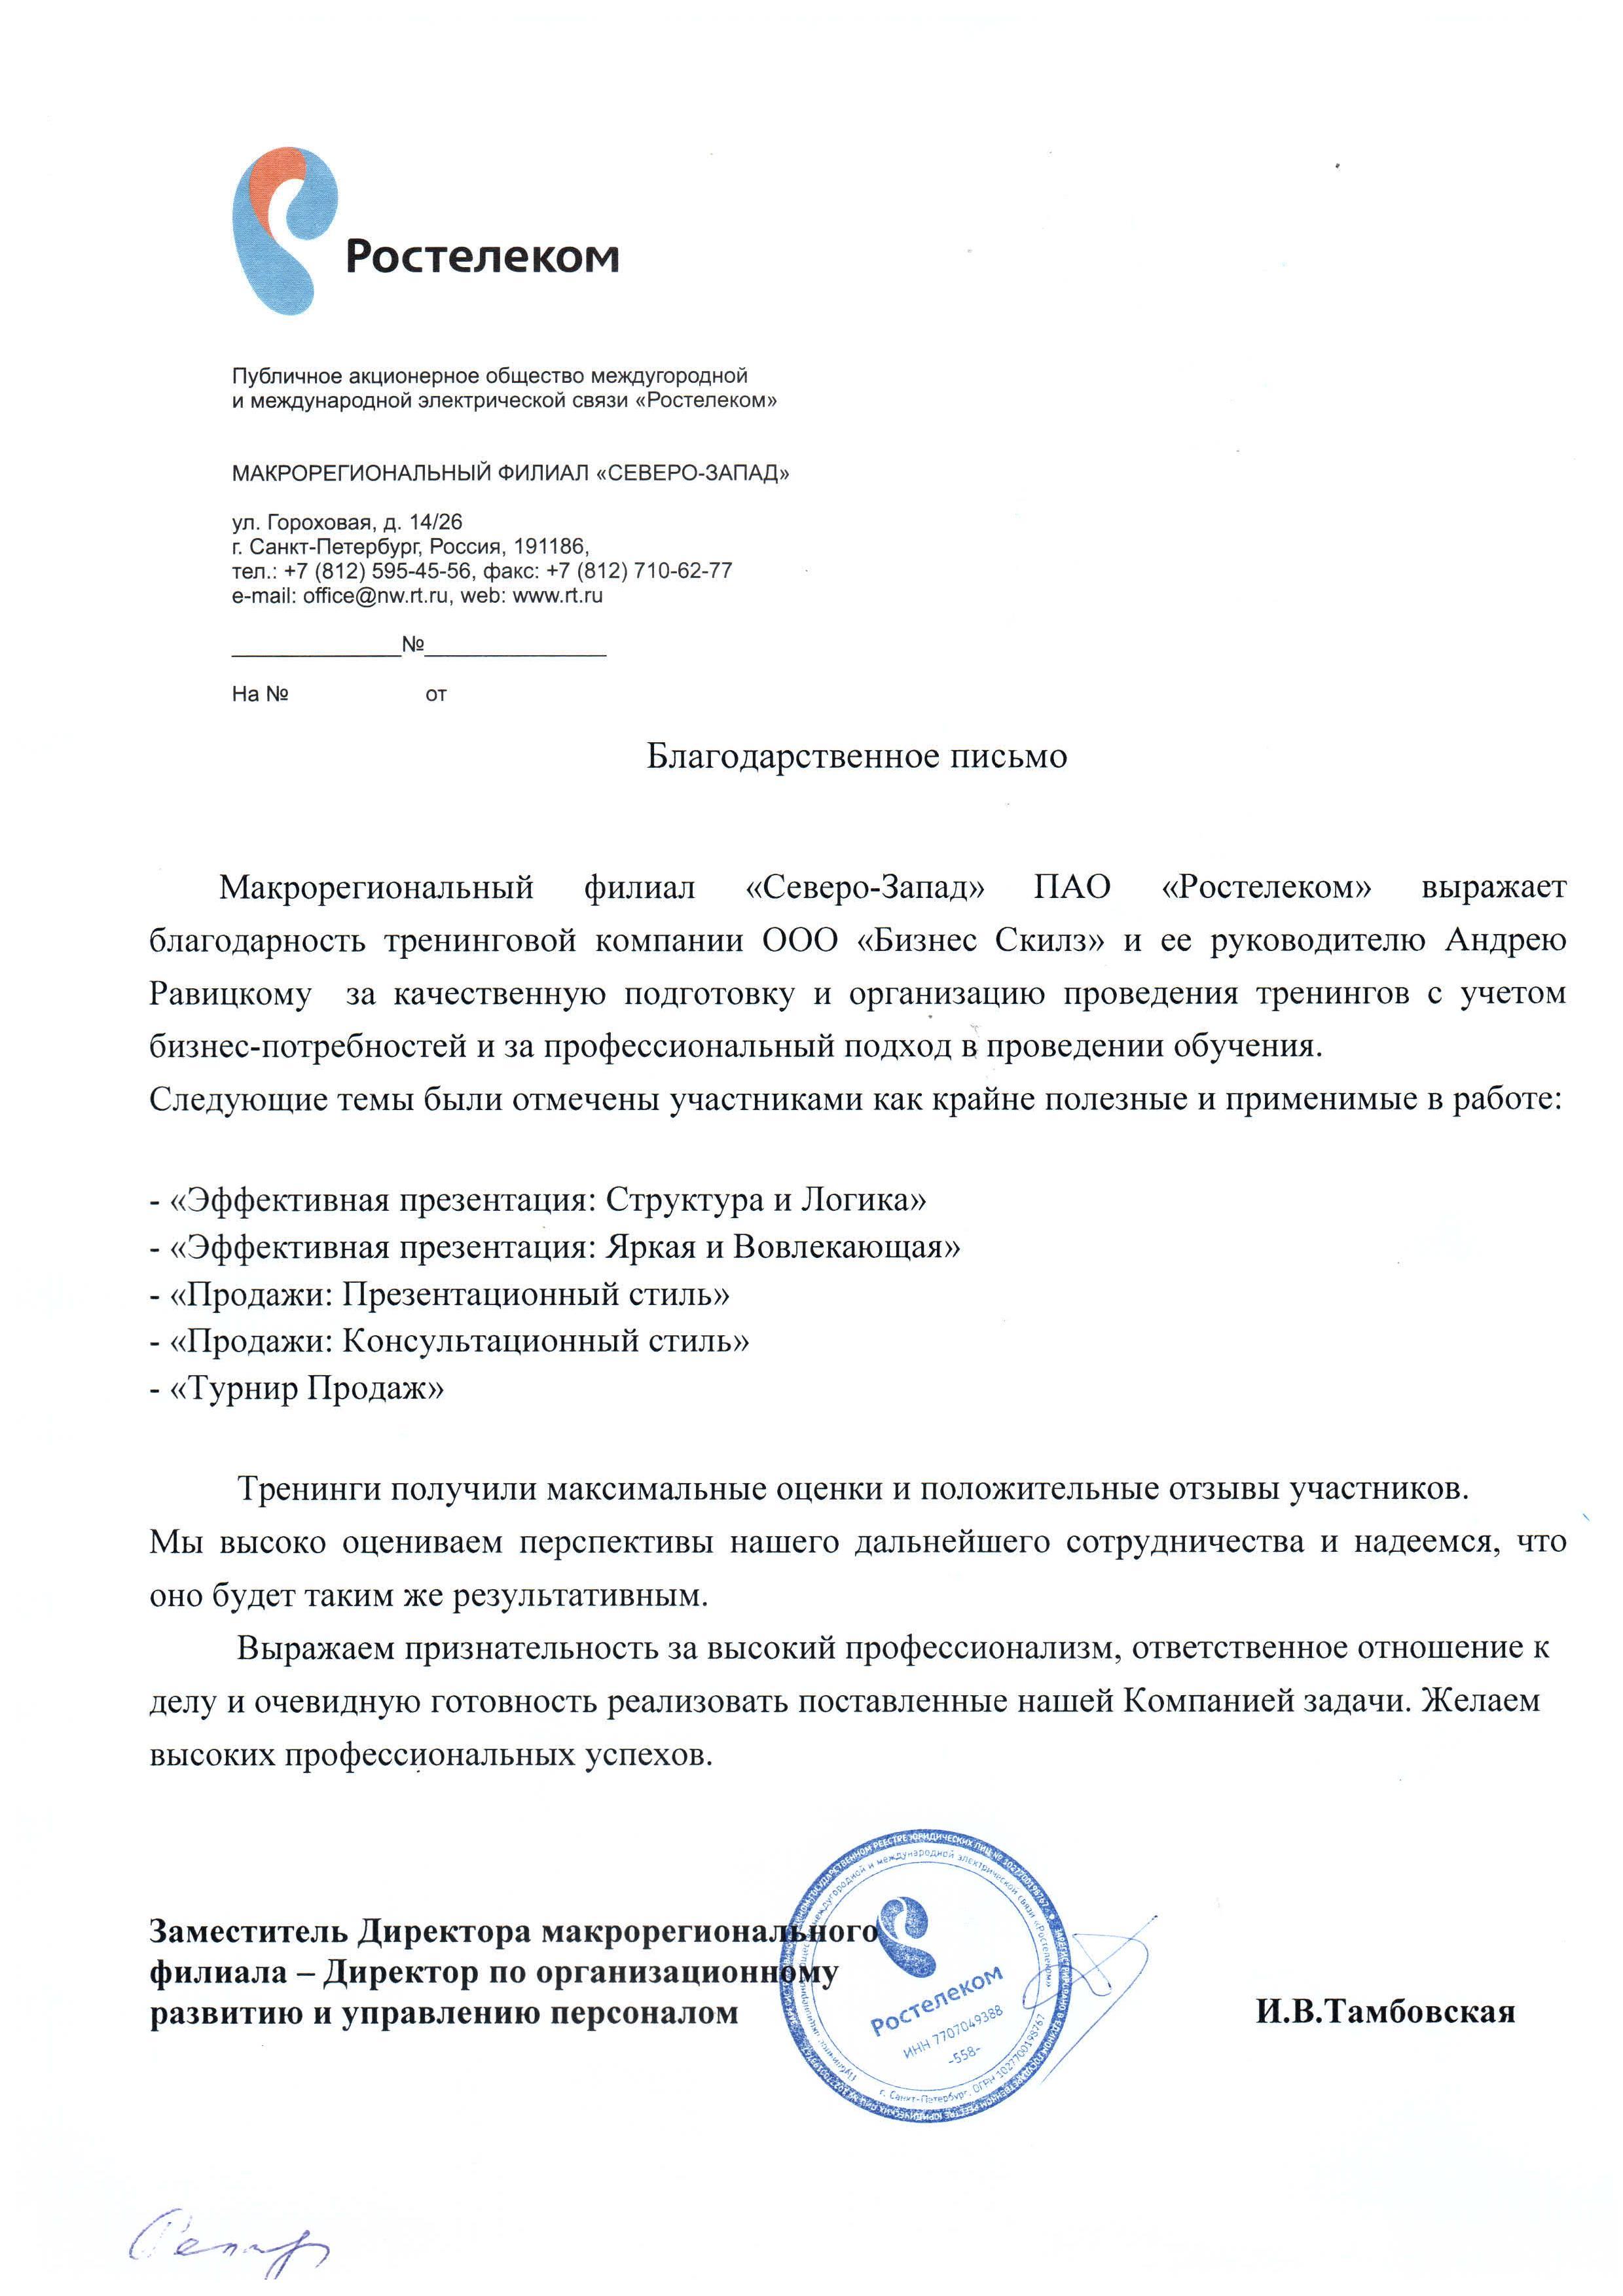 РП Ростелеком